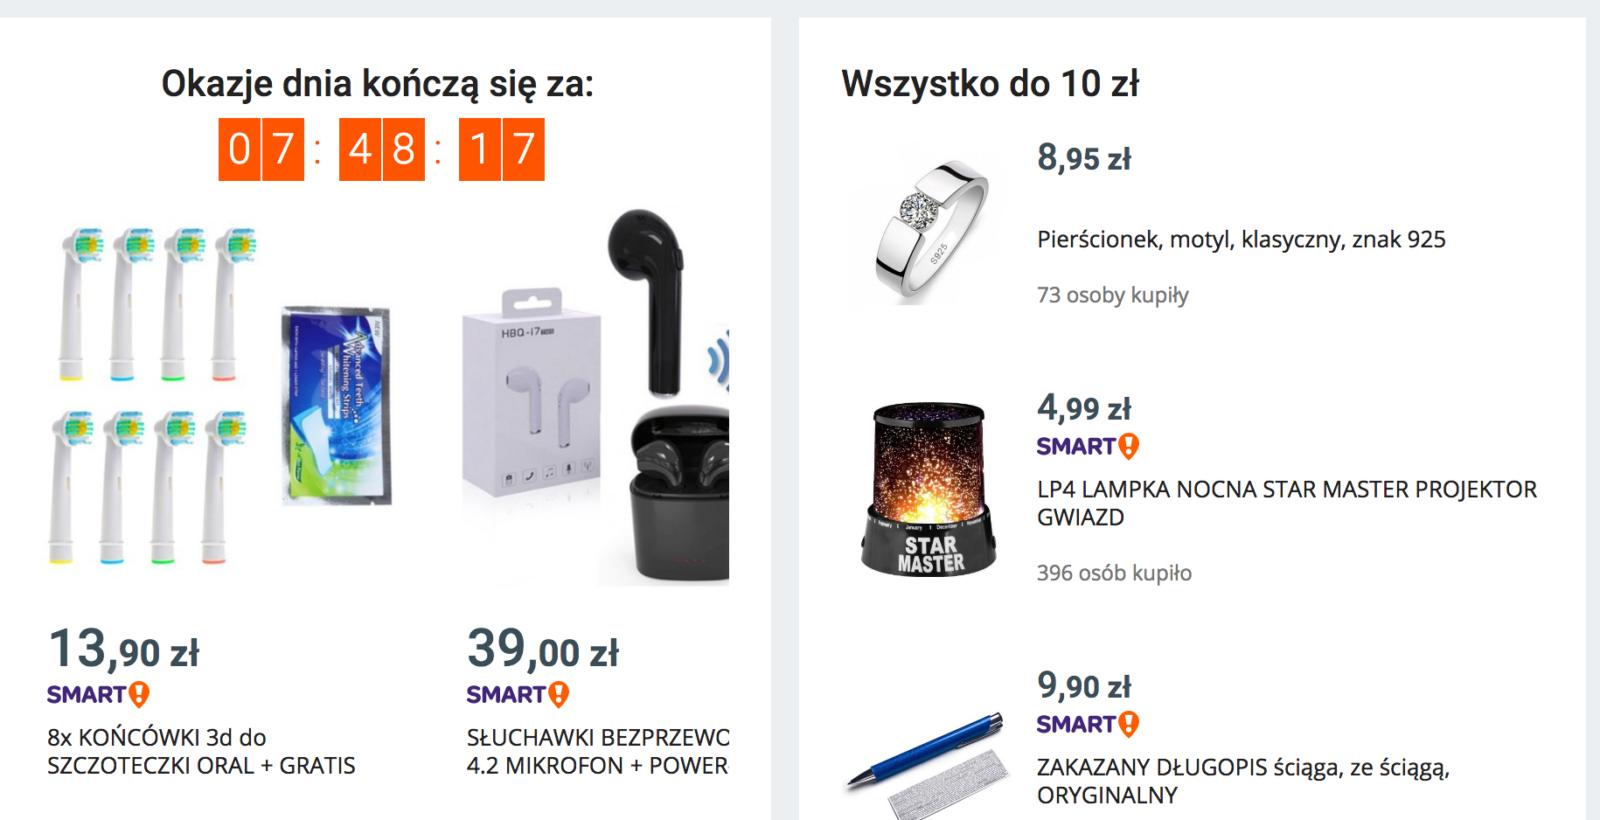 Promocje, liczniki i gwarancja dostawy w sklepach internetowych